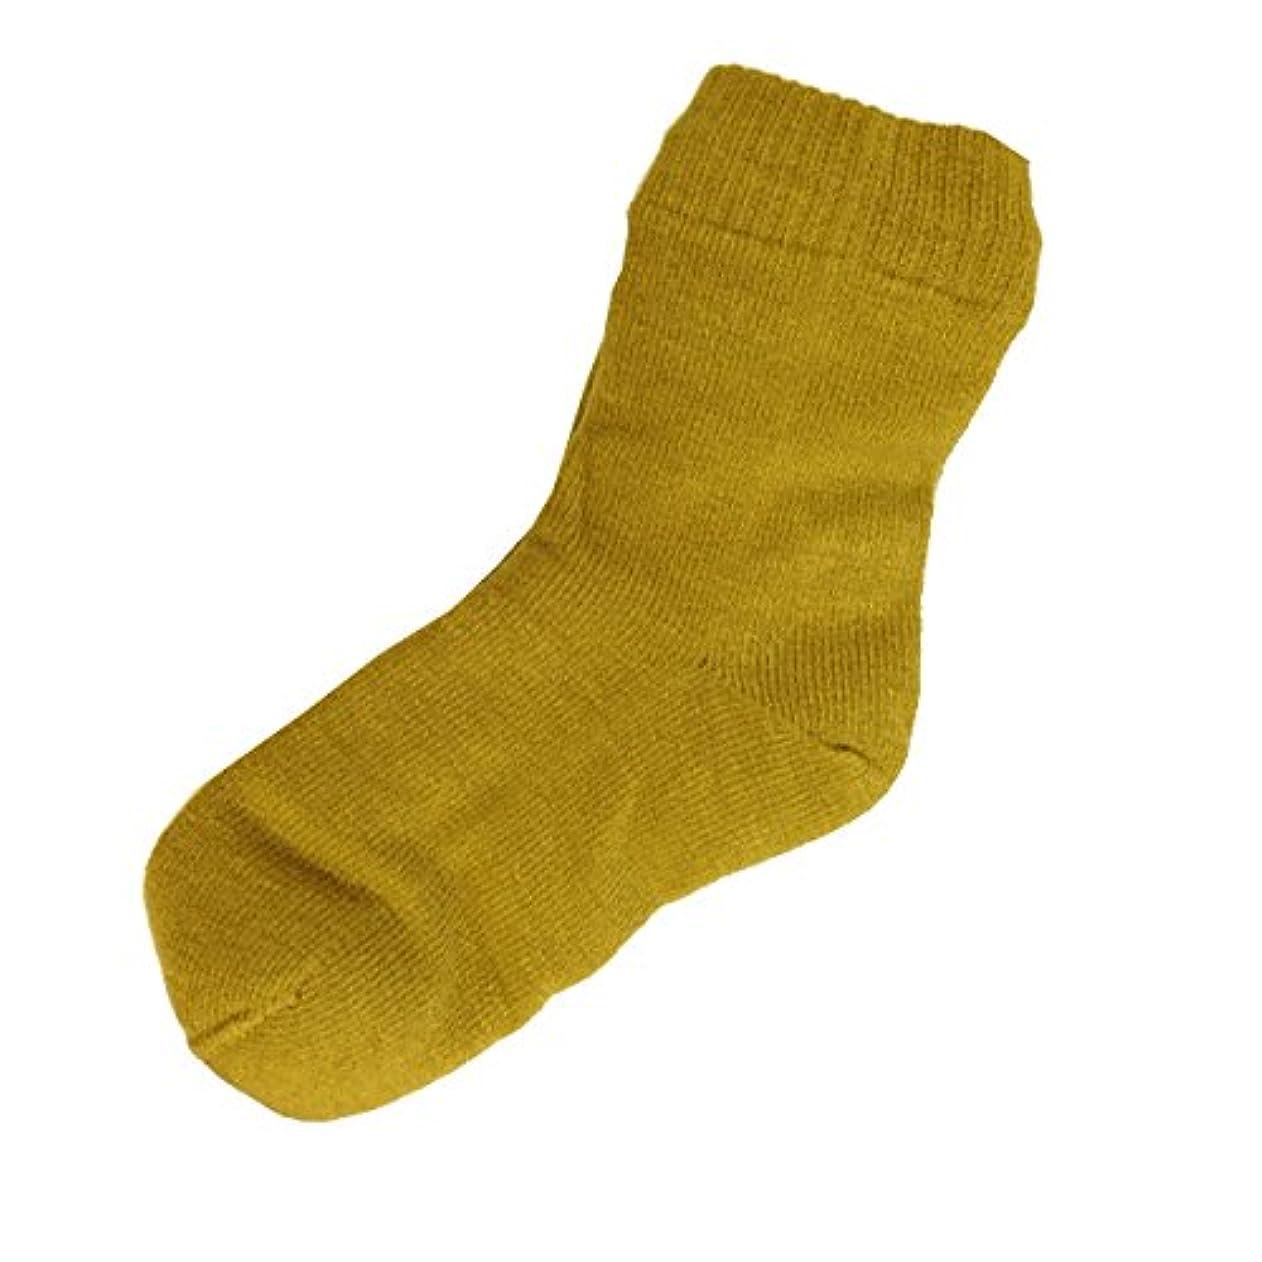 ピンポイントライナー社会女性用 カサカサかかと解消靴下 ラブヒール カラシ 【遠赤外線パワー&温熱?保湿効果】